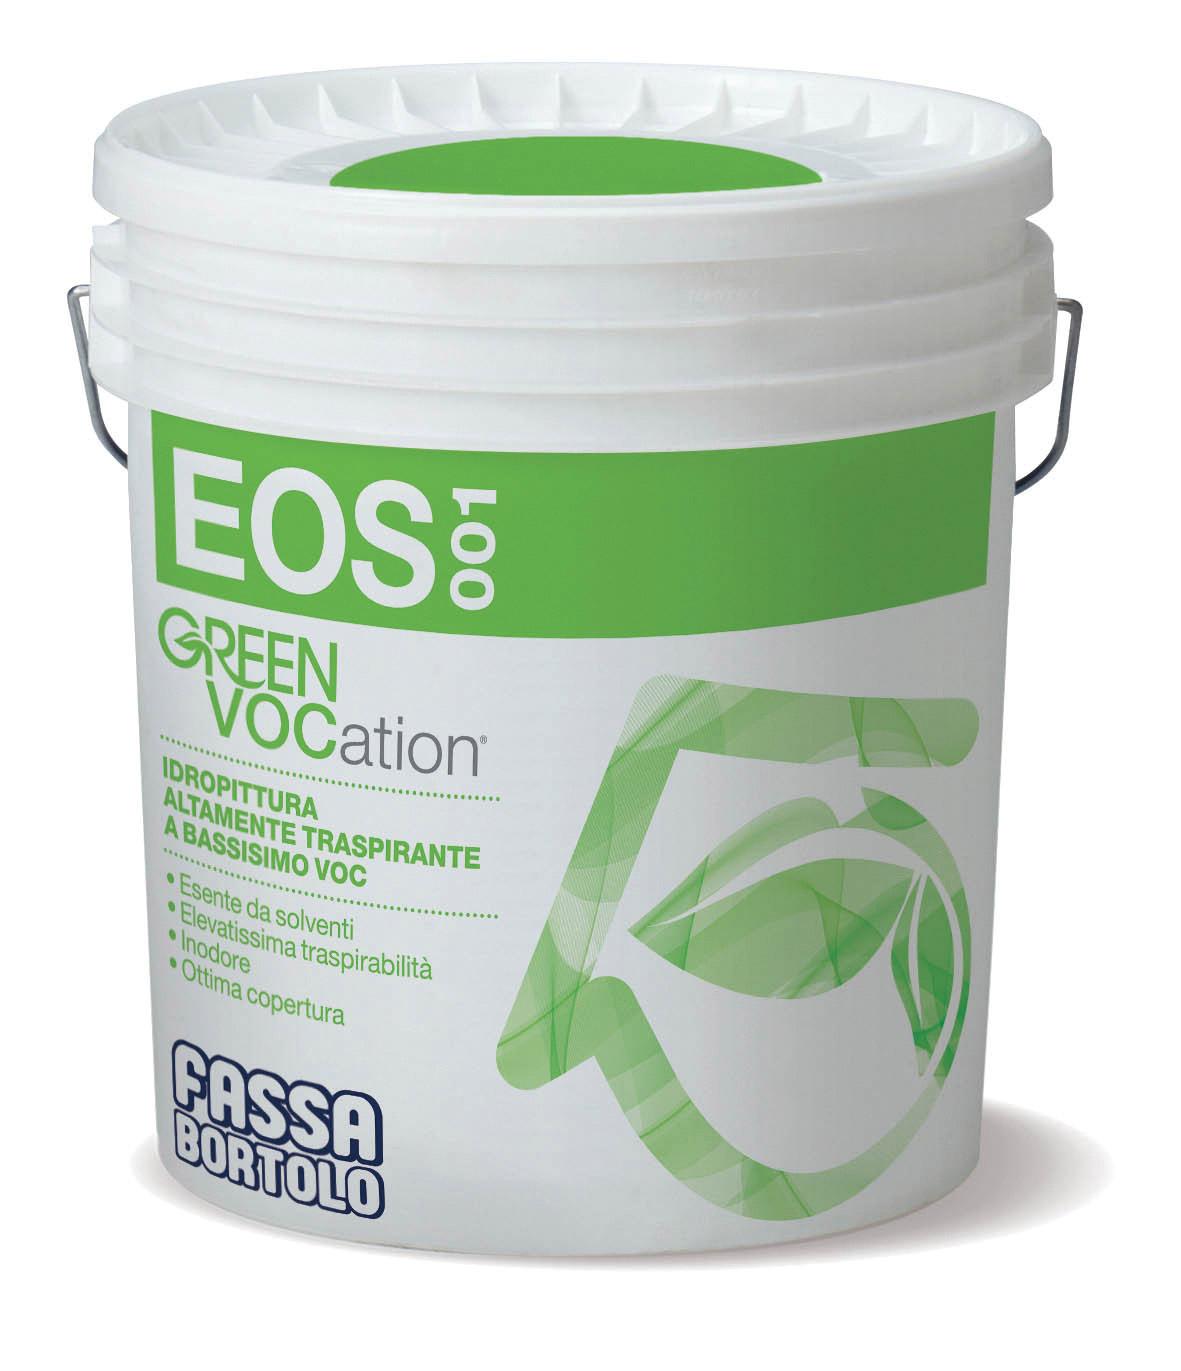 EOS 001: Idropittura altamente traspirante per interno a bassissimo VOC